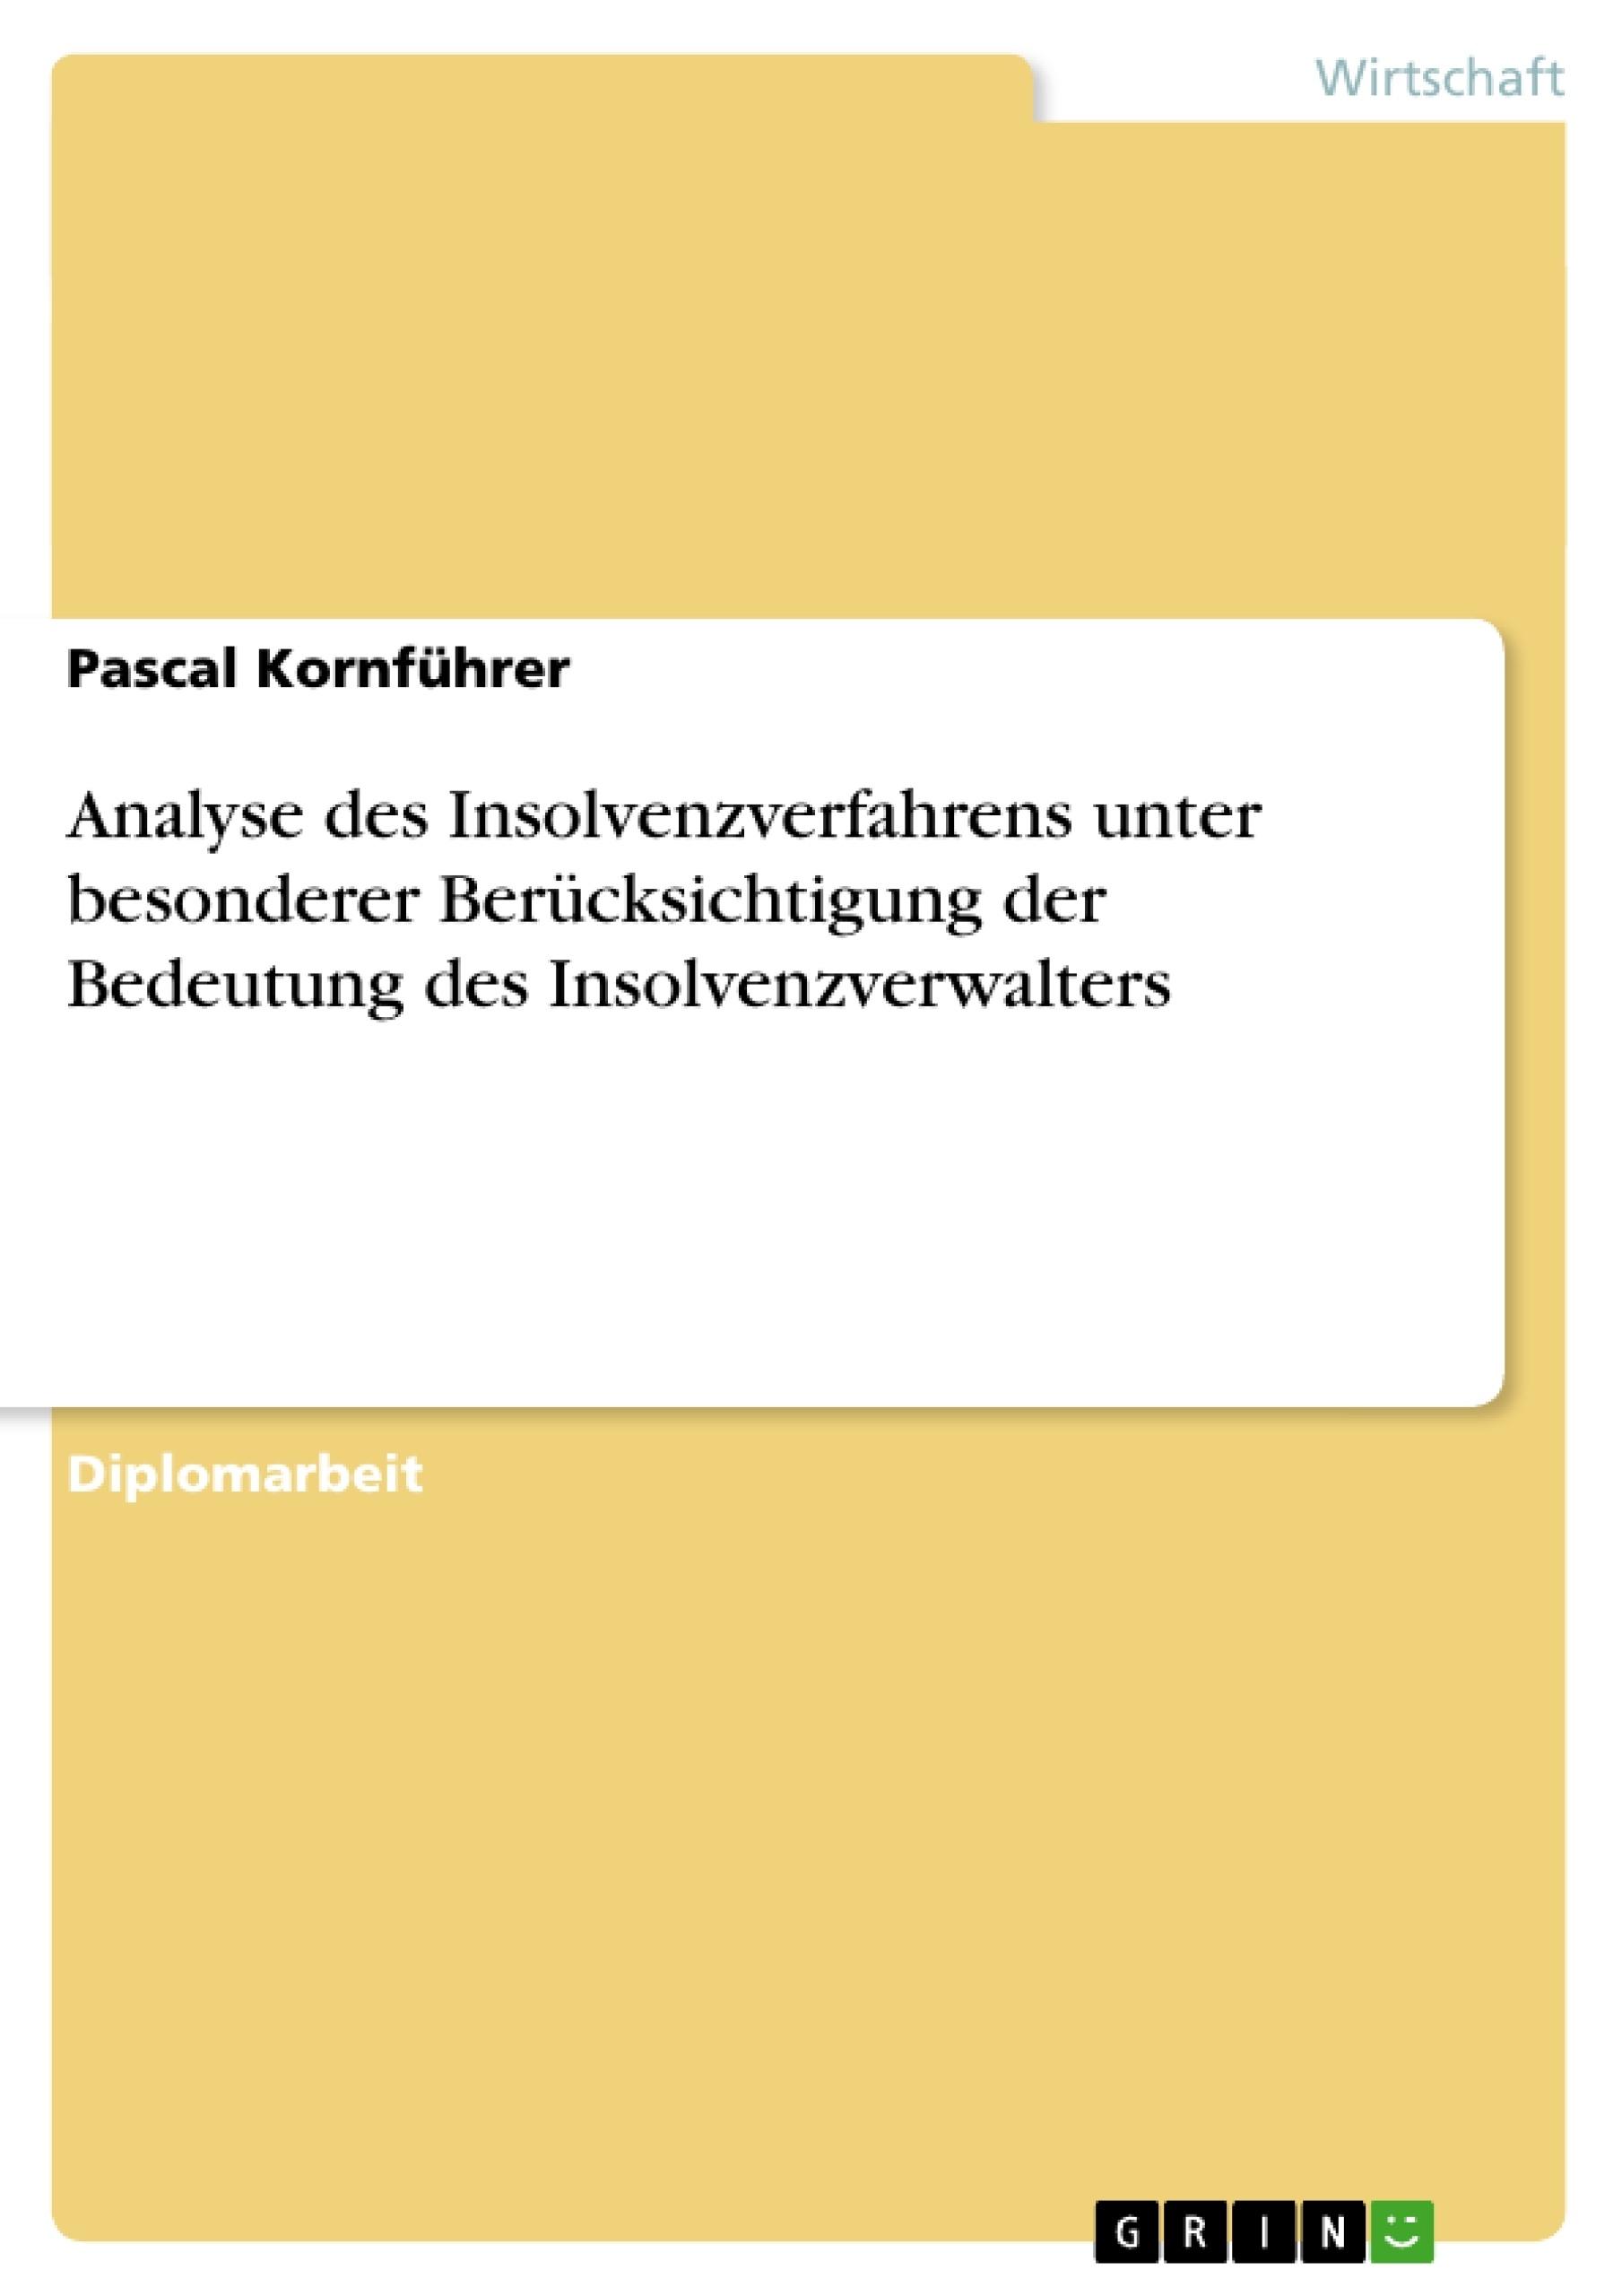 Titel: Analyse des Insolvenzverfahrens unter besonderer Berücksichtigung der Bedeutung des Insolvenzverwalters